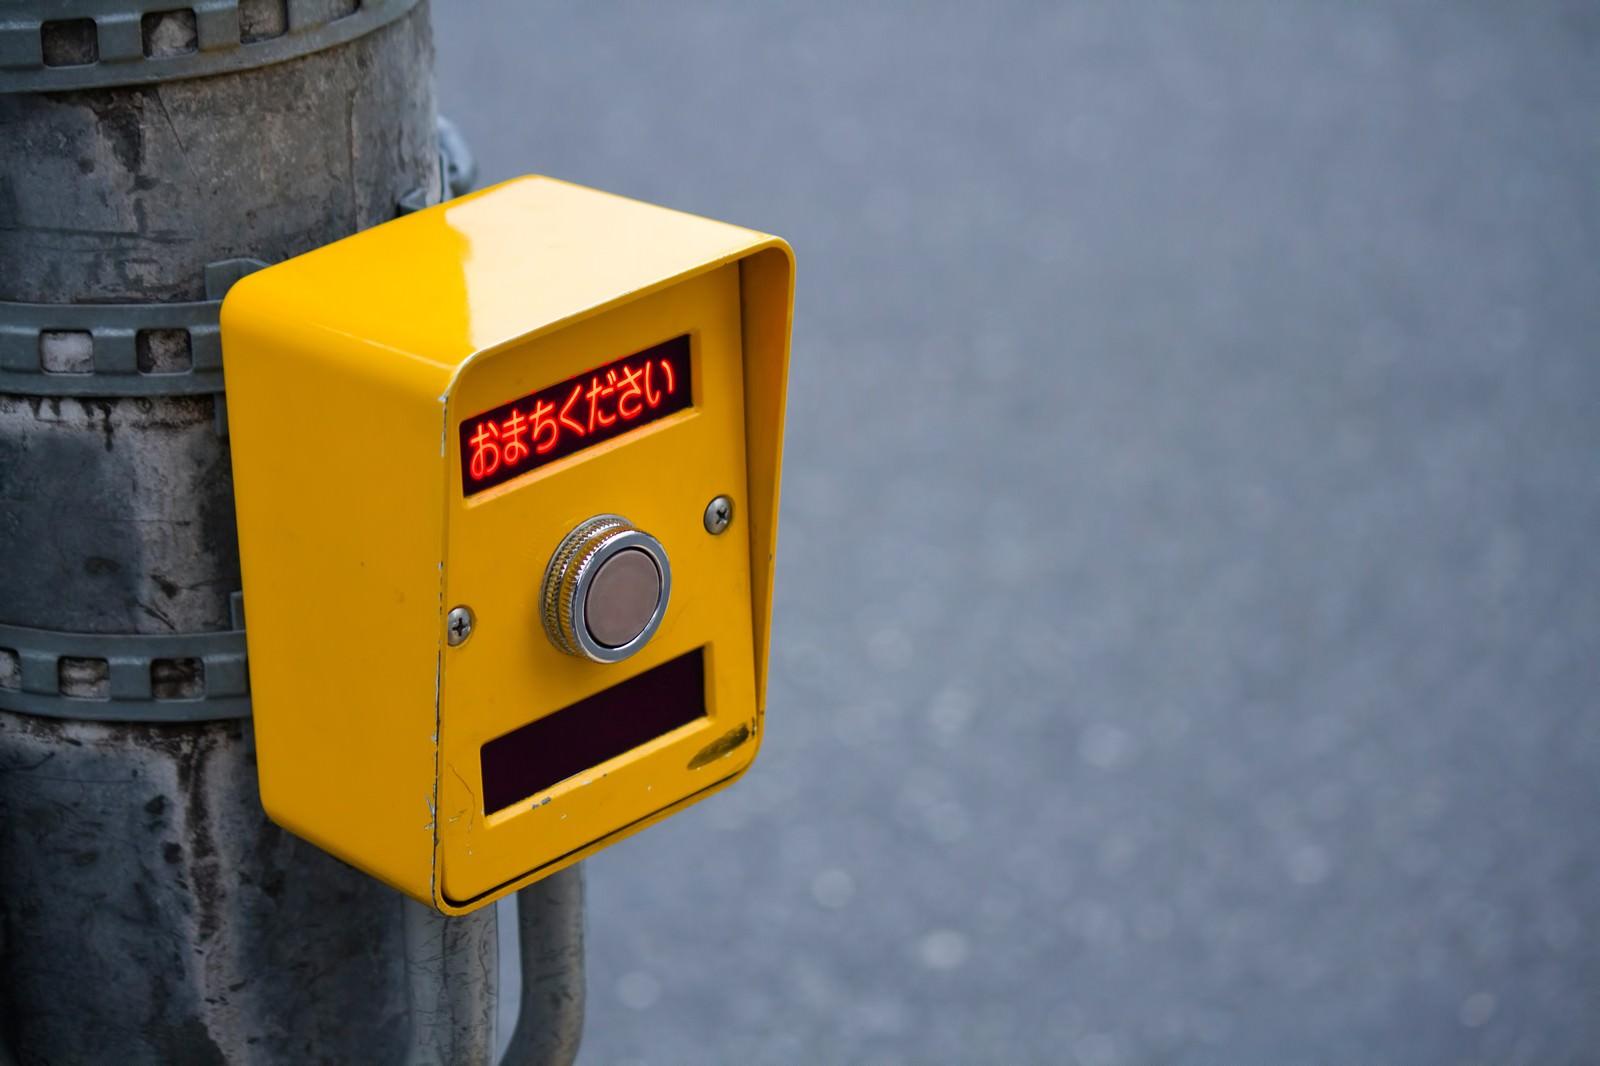 「「おまちください」歩行者用押しボタン」の写真